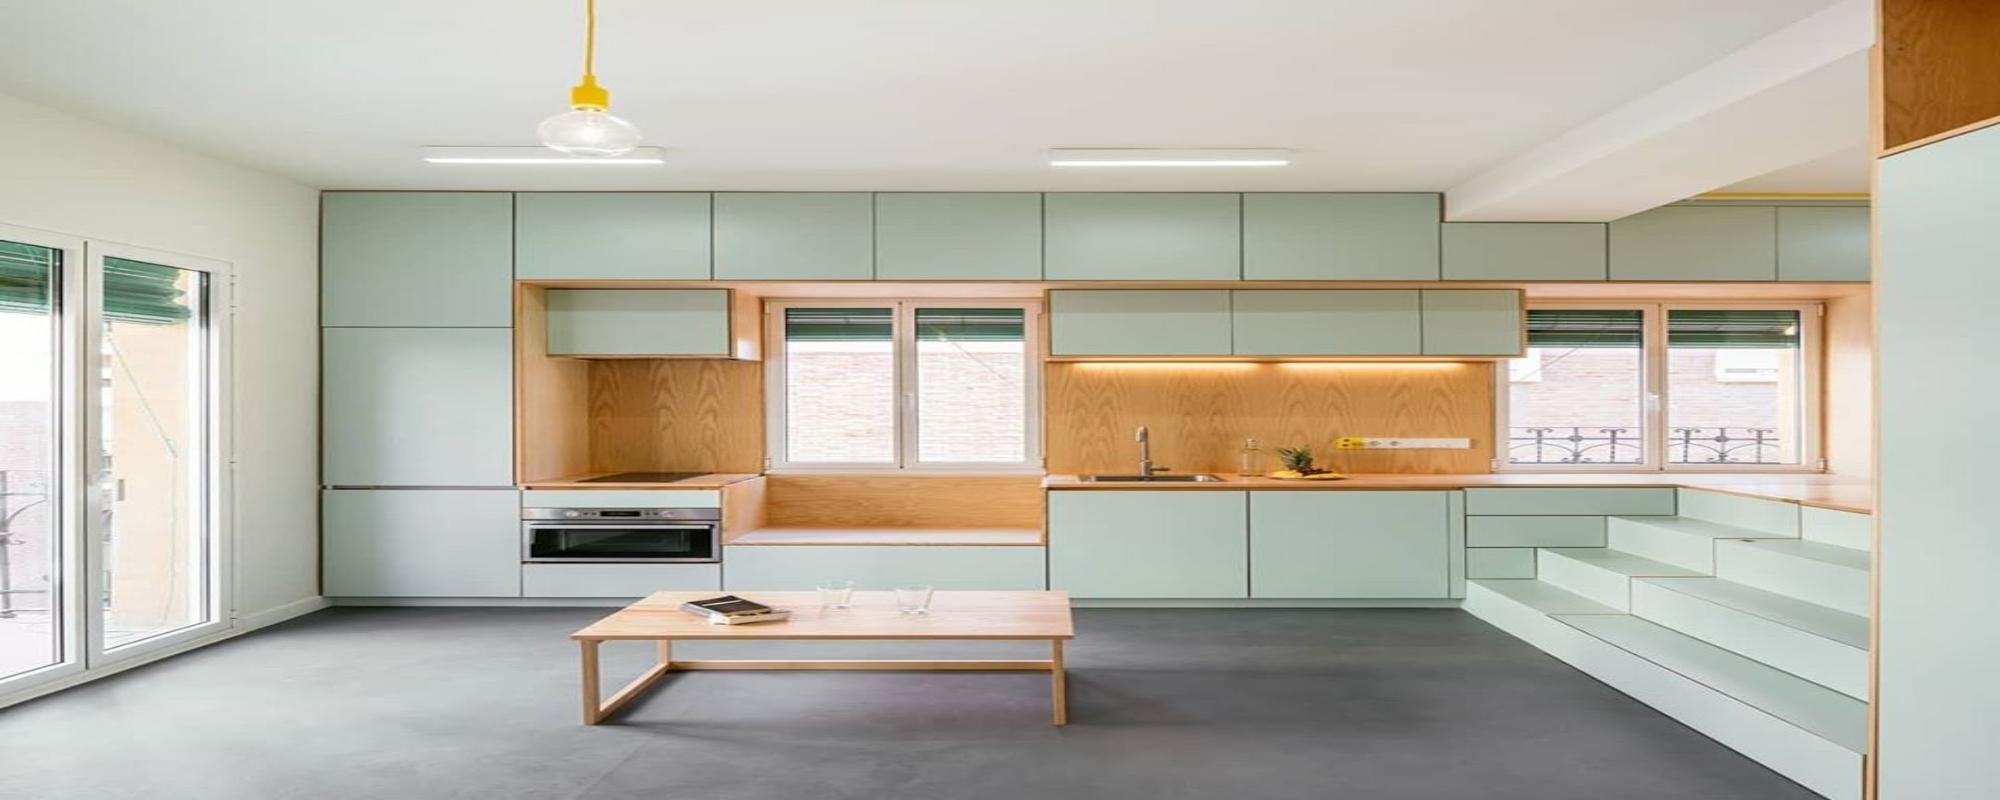 Casa Decor 2020: Los más inflyentes diseñadores de interiores casa decor Casa Decor 2020: Los más inflyentes diseñadores de interiores Featured 1 1